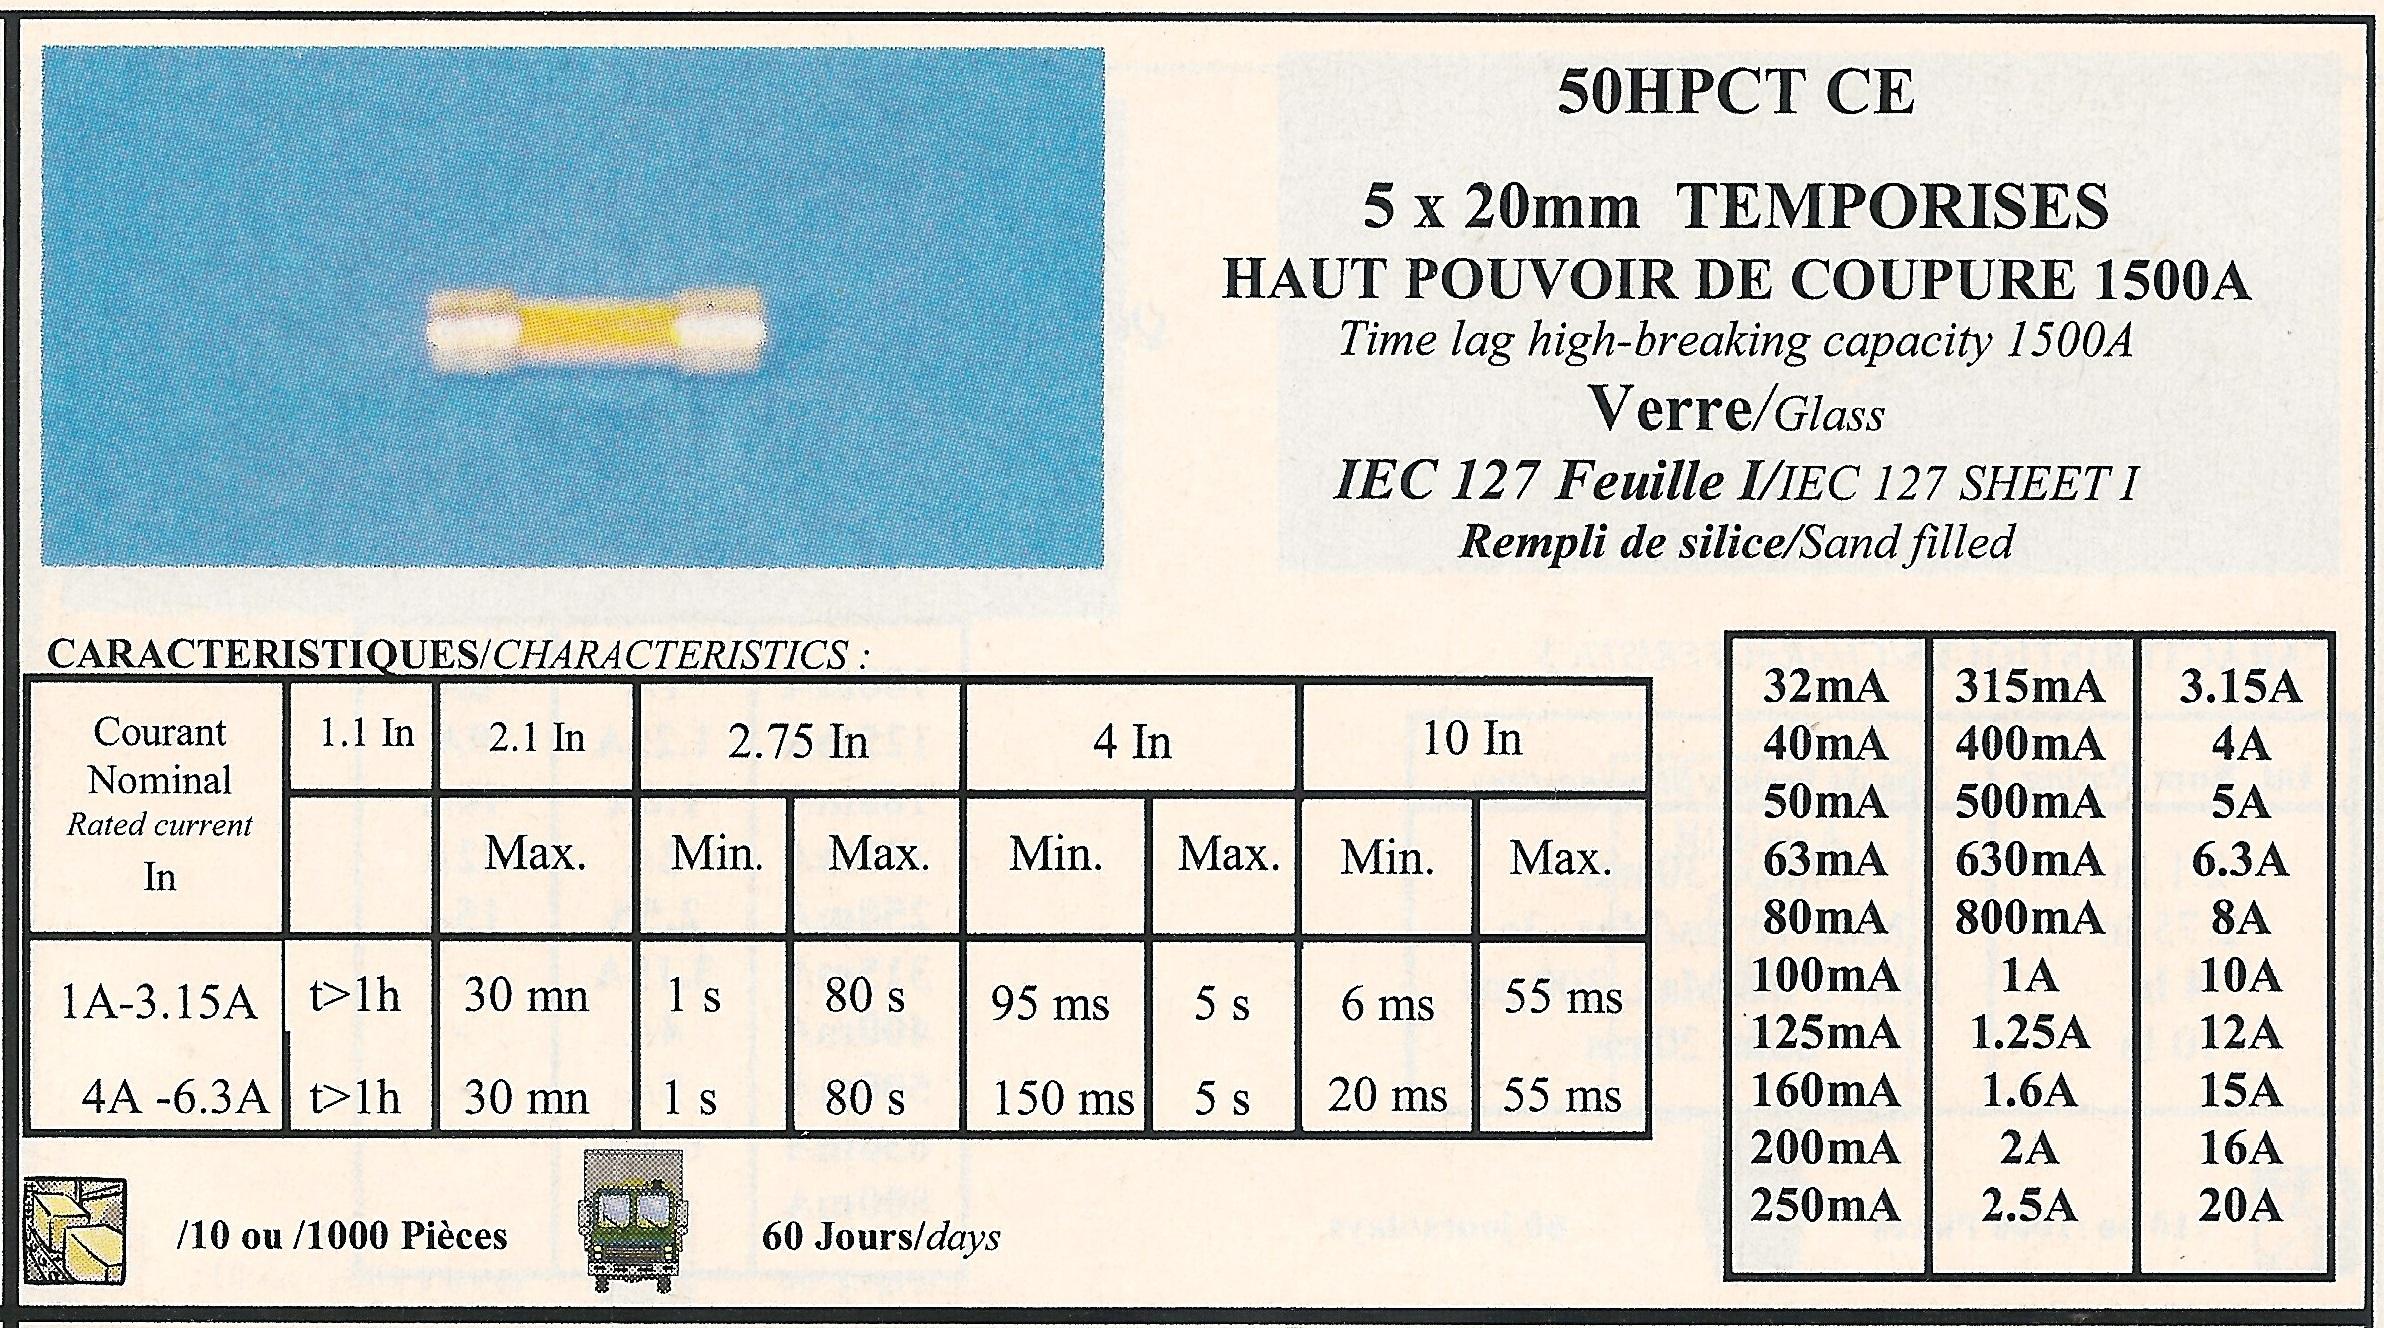 50HPCT CE